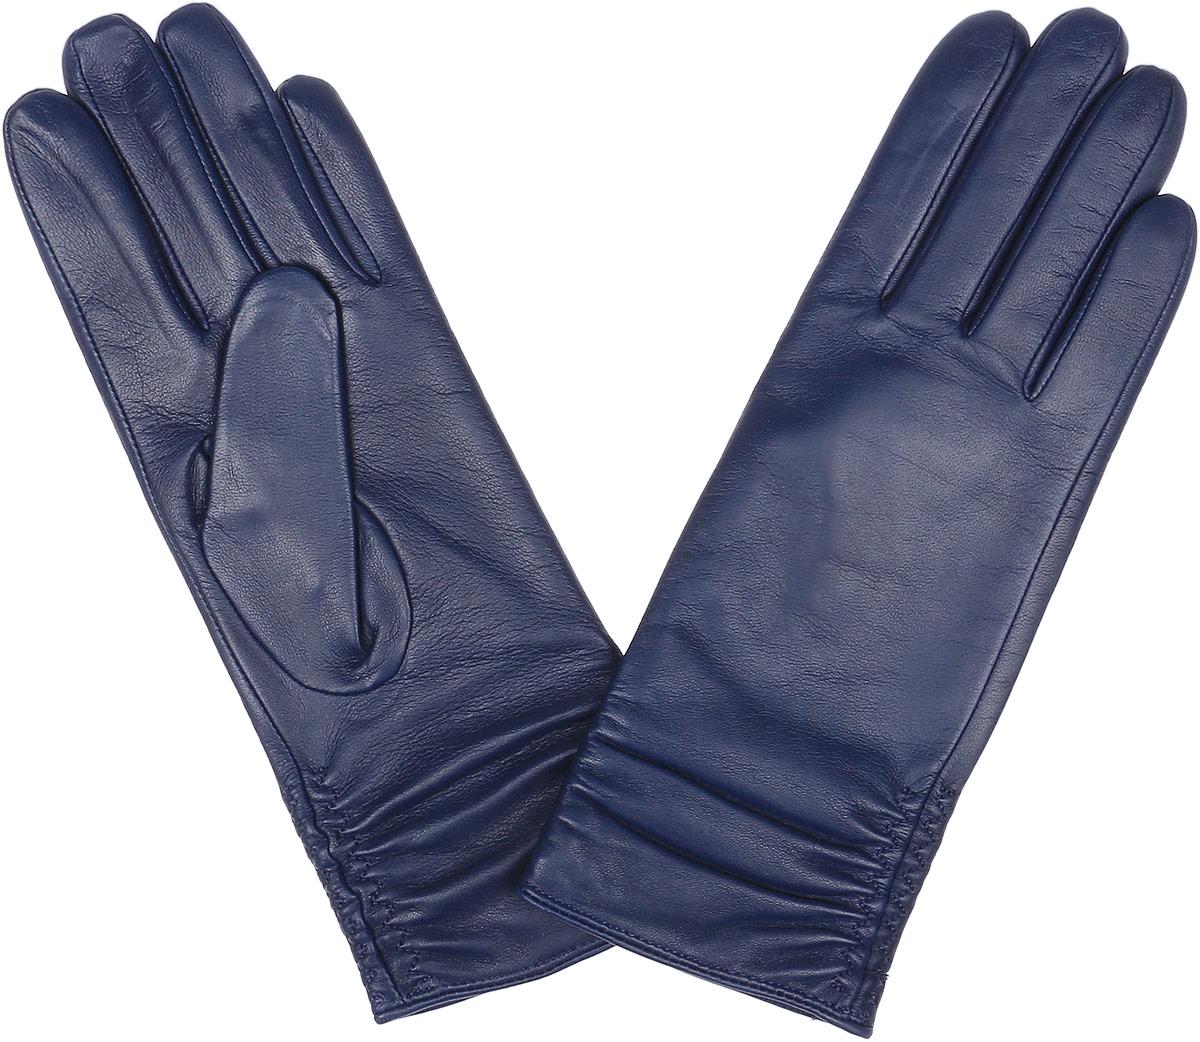 Перчатки12.25-10 taupeСтильные женские перчатки Fabretti не только защитят ваши руки, но и станут великолепным украшением. Перчатки выполнены из натуральной кожи ягненка, а их подкладка - из высококачественной шерсти с добавлением кашемира. Модель оформлена оригинальными строчками-стежками, которые дополнены эластичной резинкой. Стильный аксессуар для повседневного образа.